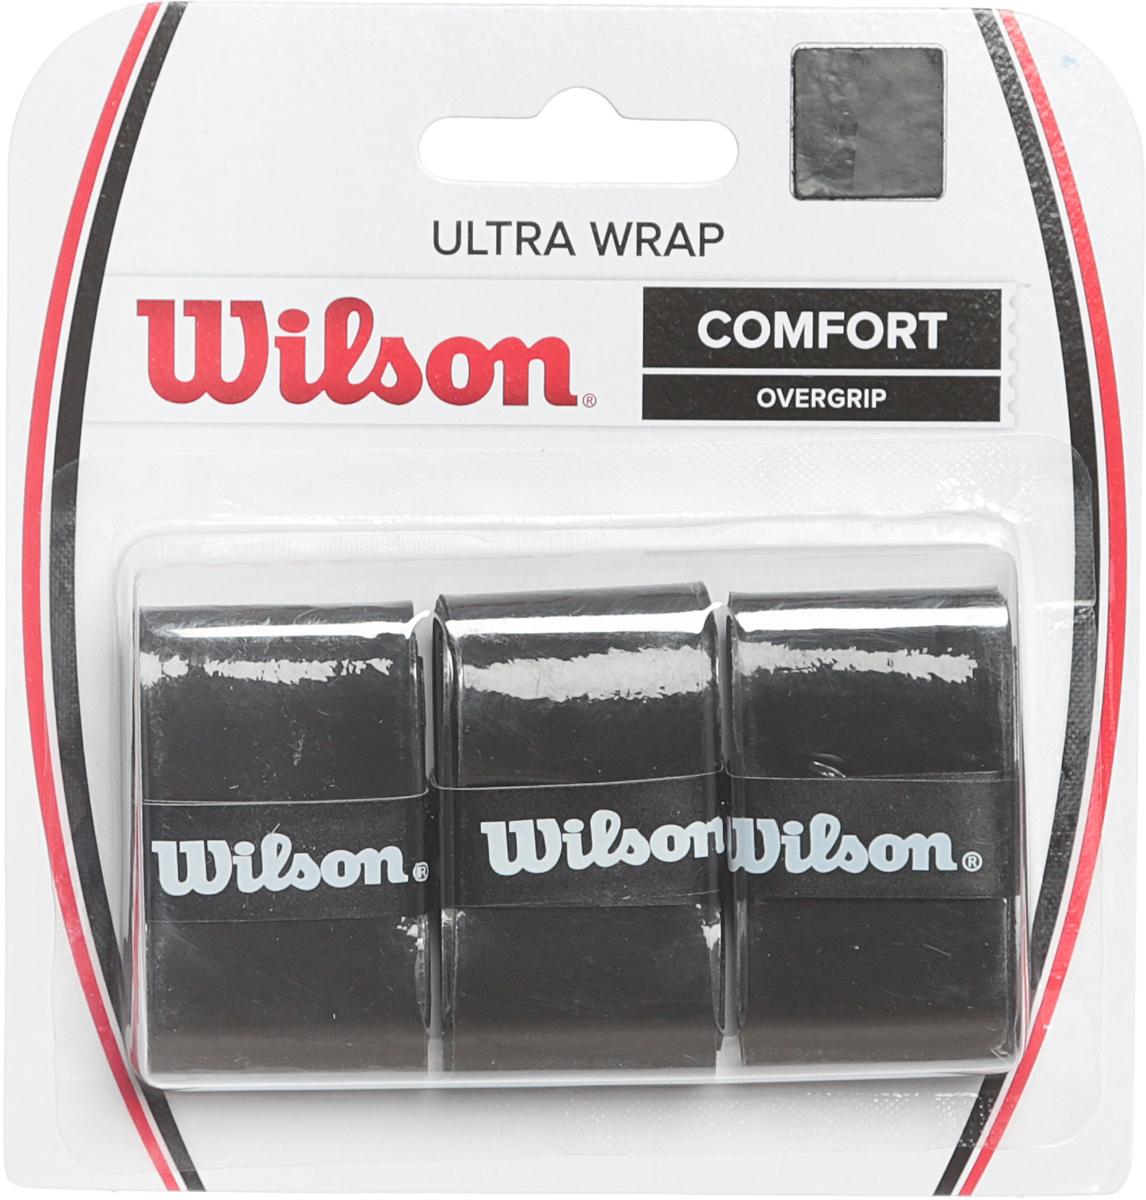 Намотка для ракетки Wilson Ultra Wrap Overgrip Bk 3 PkWRZ403000Овергрип Ultra Wrap Overgrip - уверенность и свобода в каждом движении.Выбор теннисистов нуждающихся в дополнительном комфорте.Поставляется в черном цвете.